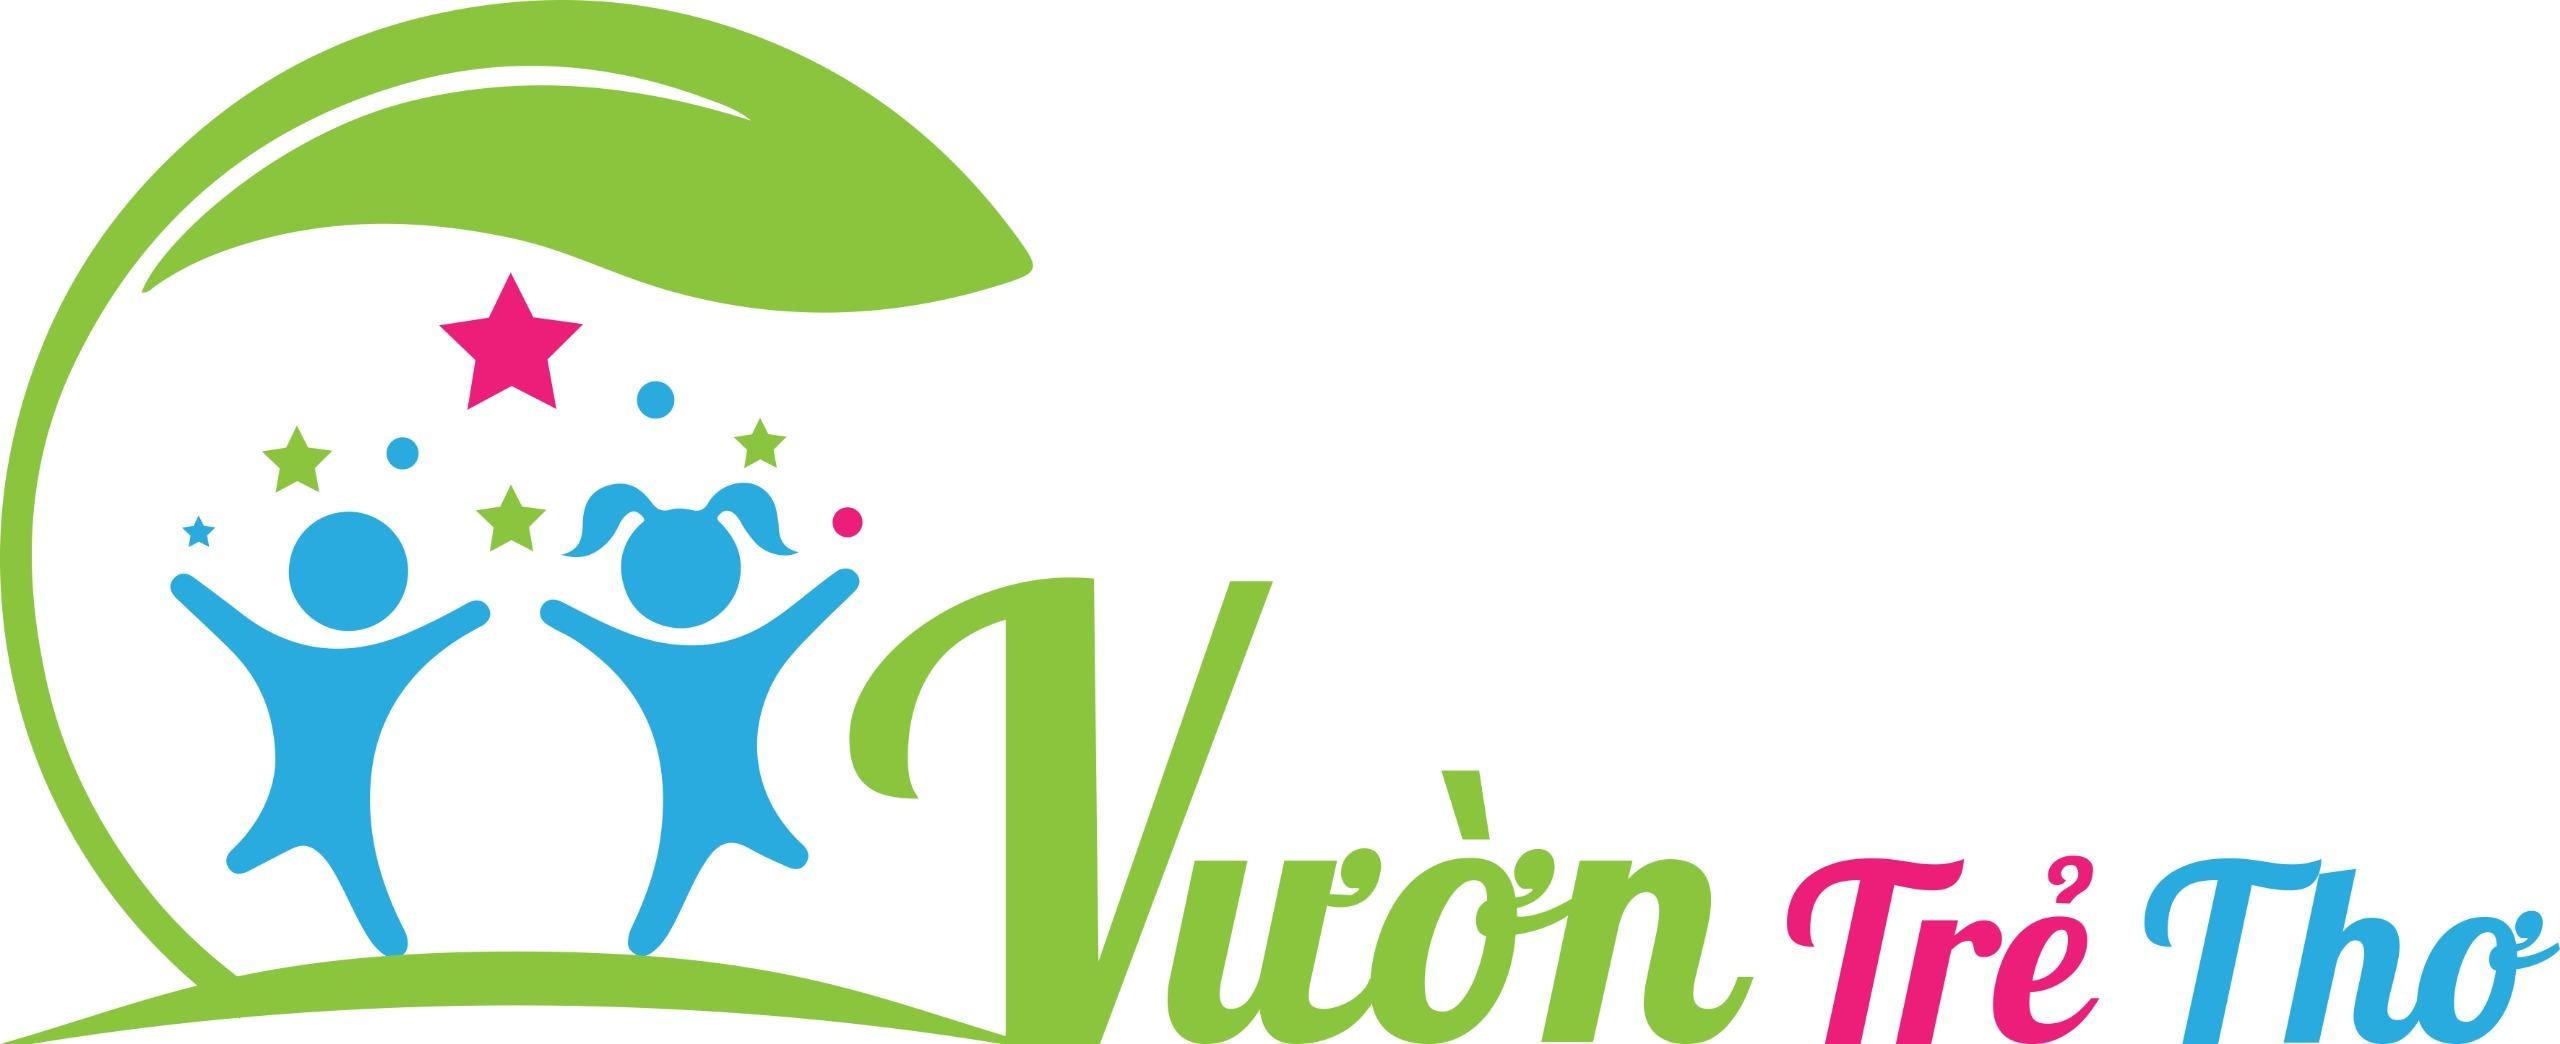 Vườn Trẻ Thơ (@vuontretho) Cover Image